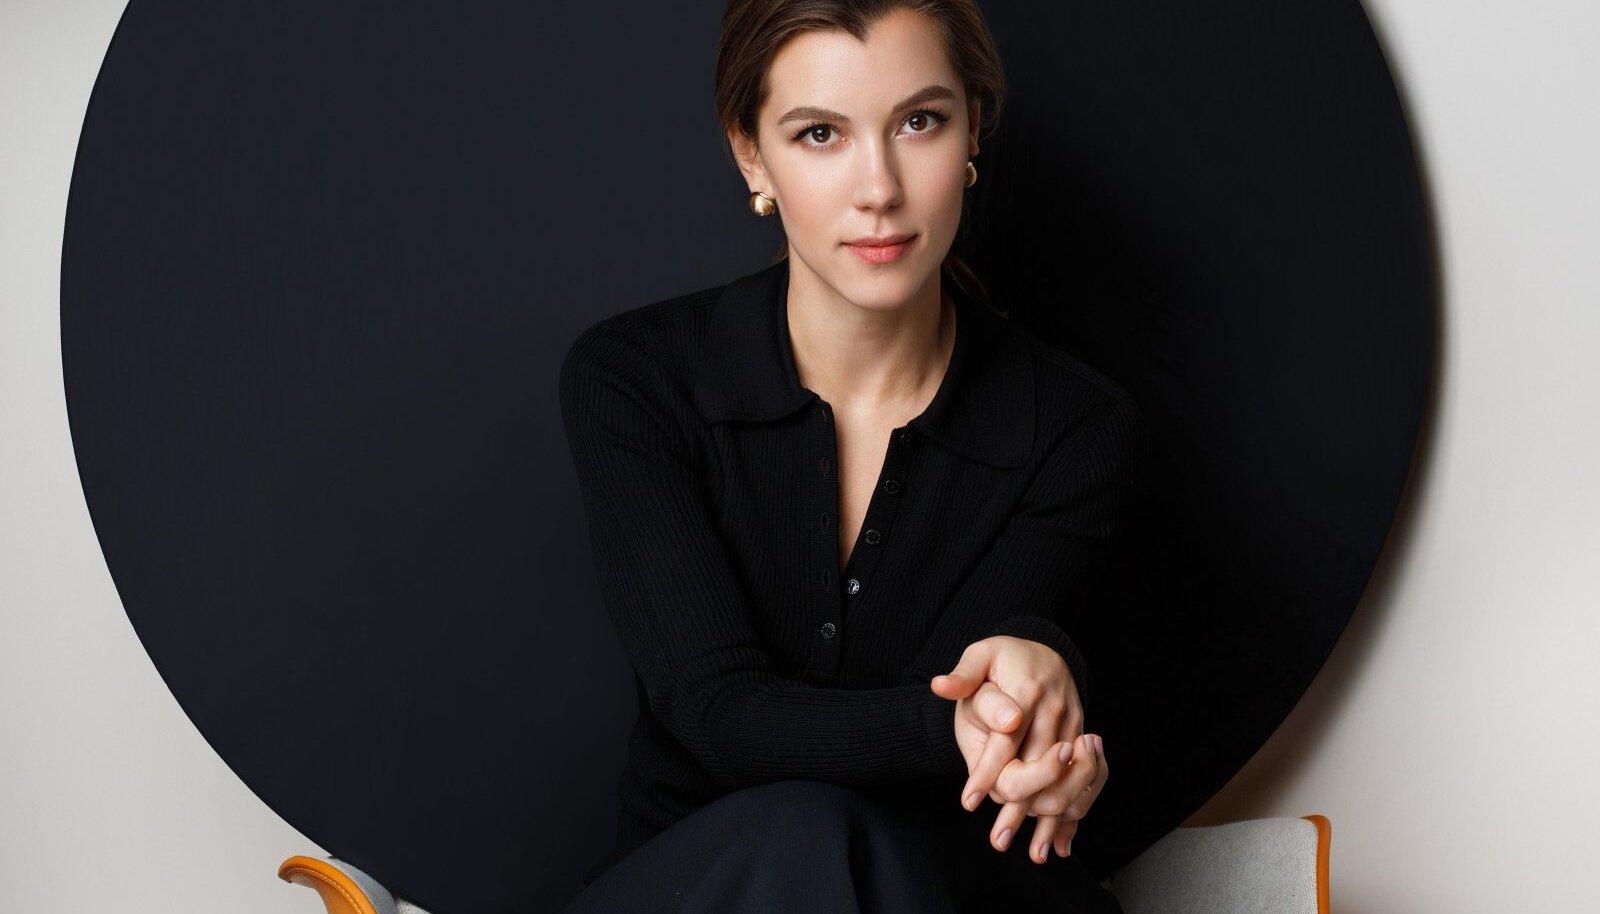 Anastasija Udalova on leppinud, et naistel tuleb end rohkem tõestada, kuid see ei takista tal oma asja ajada.